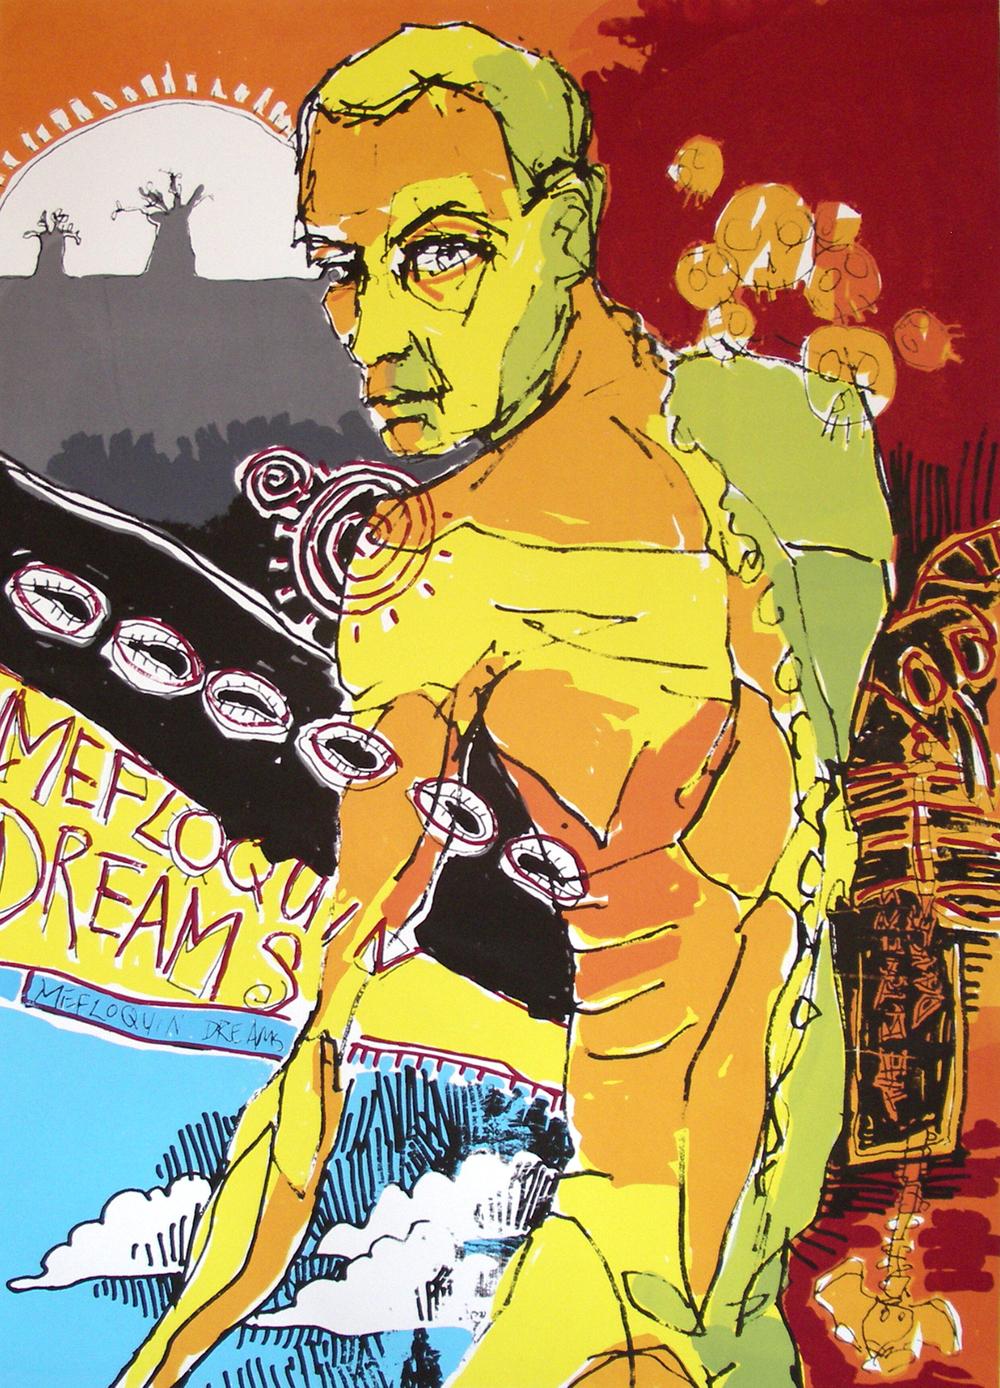 Mefloquin Dreams